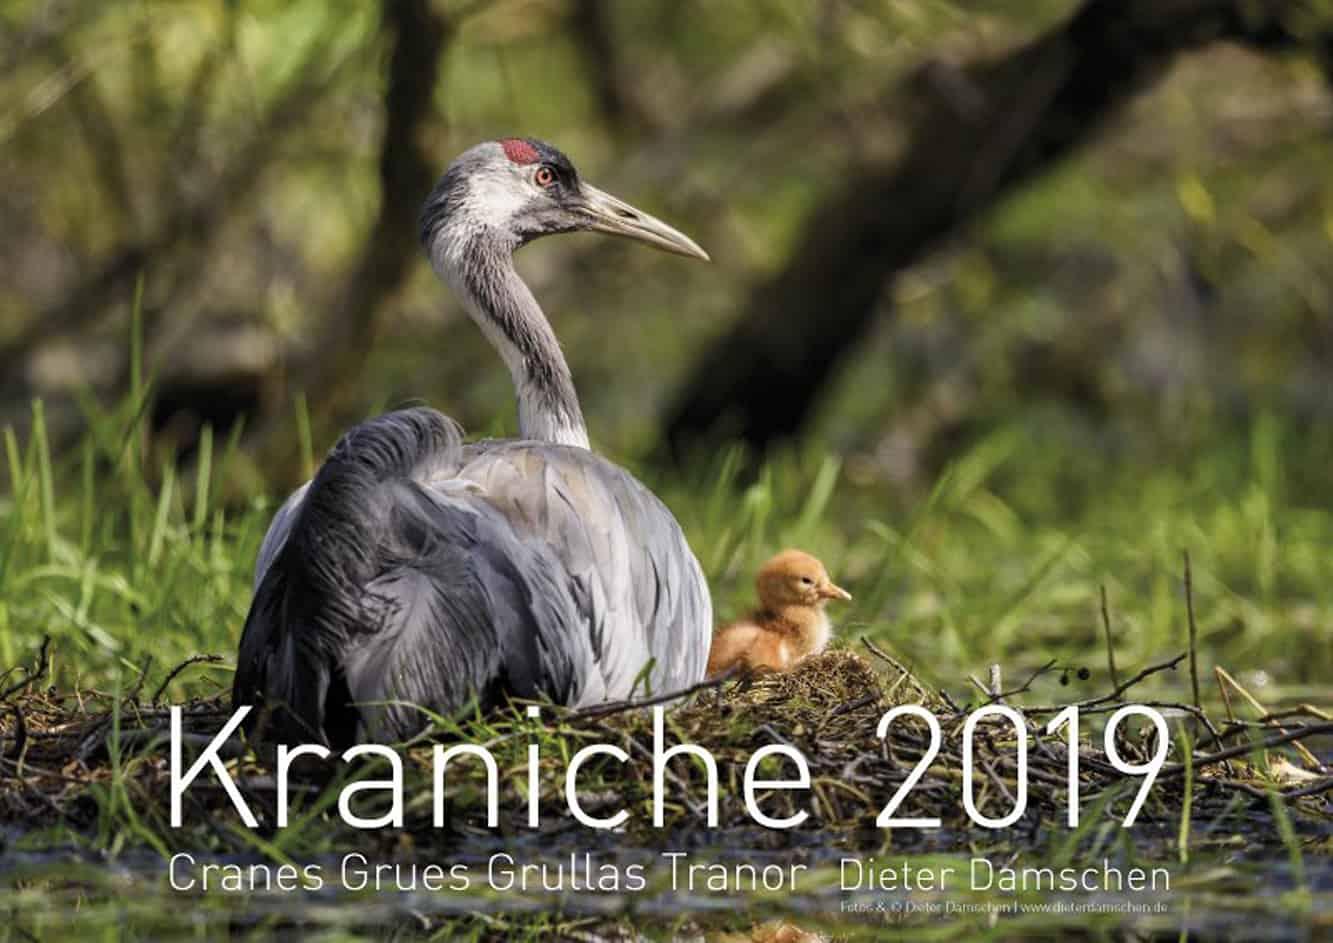 Titelblatt Kranichkalender 2019. © Dieter Damschen